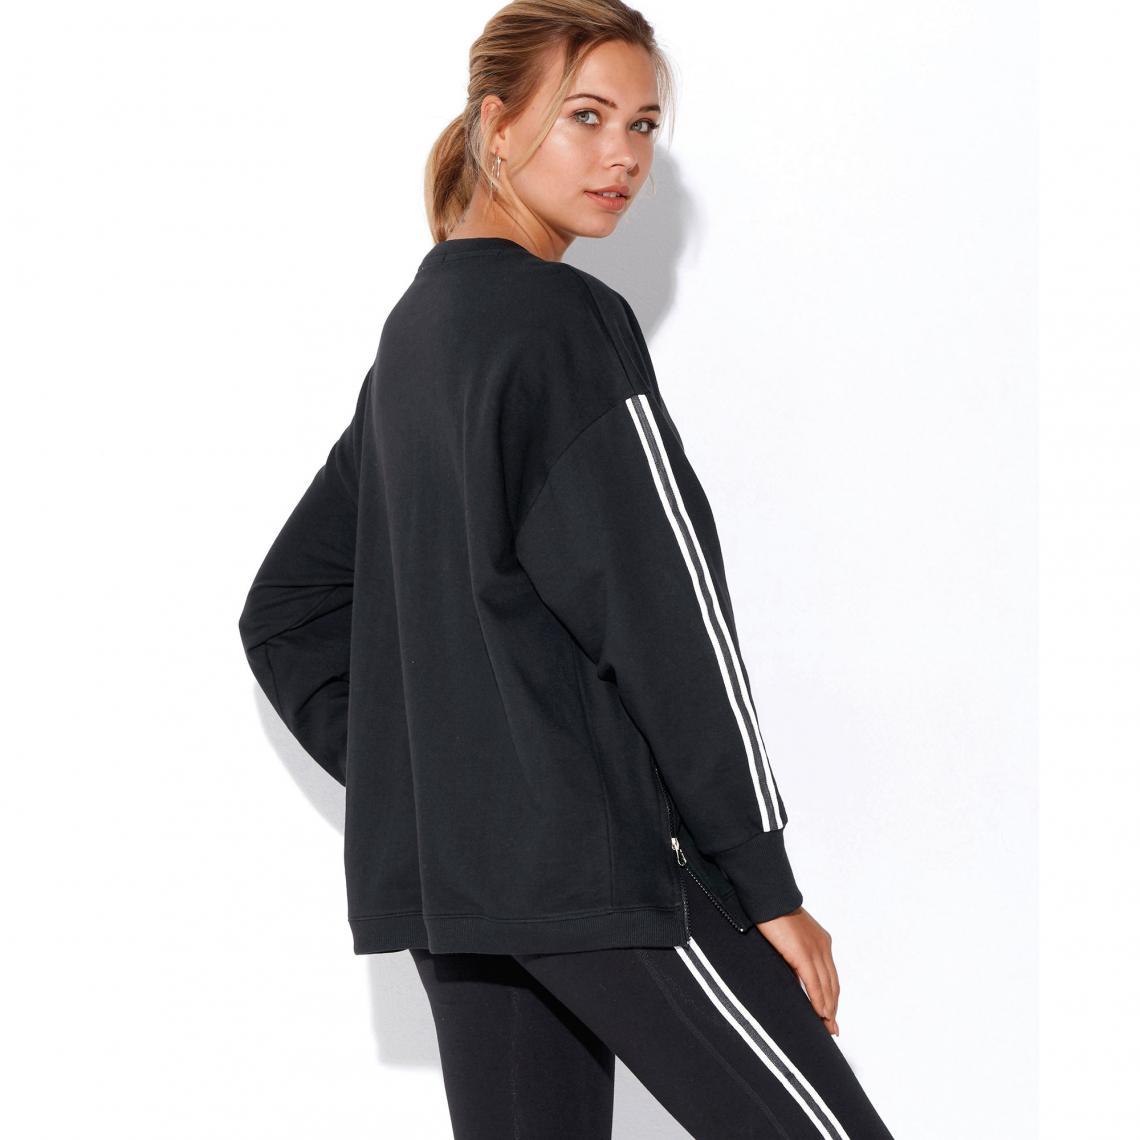 73bd46880e0 Sweat fitness manches longues zips devant femme - Noir 3 SUISSES